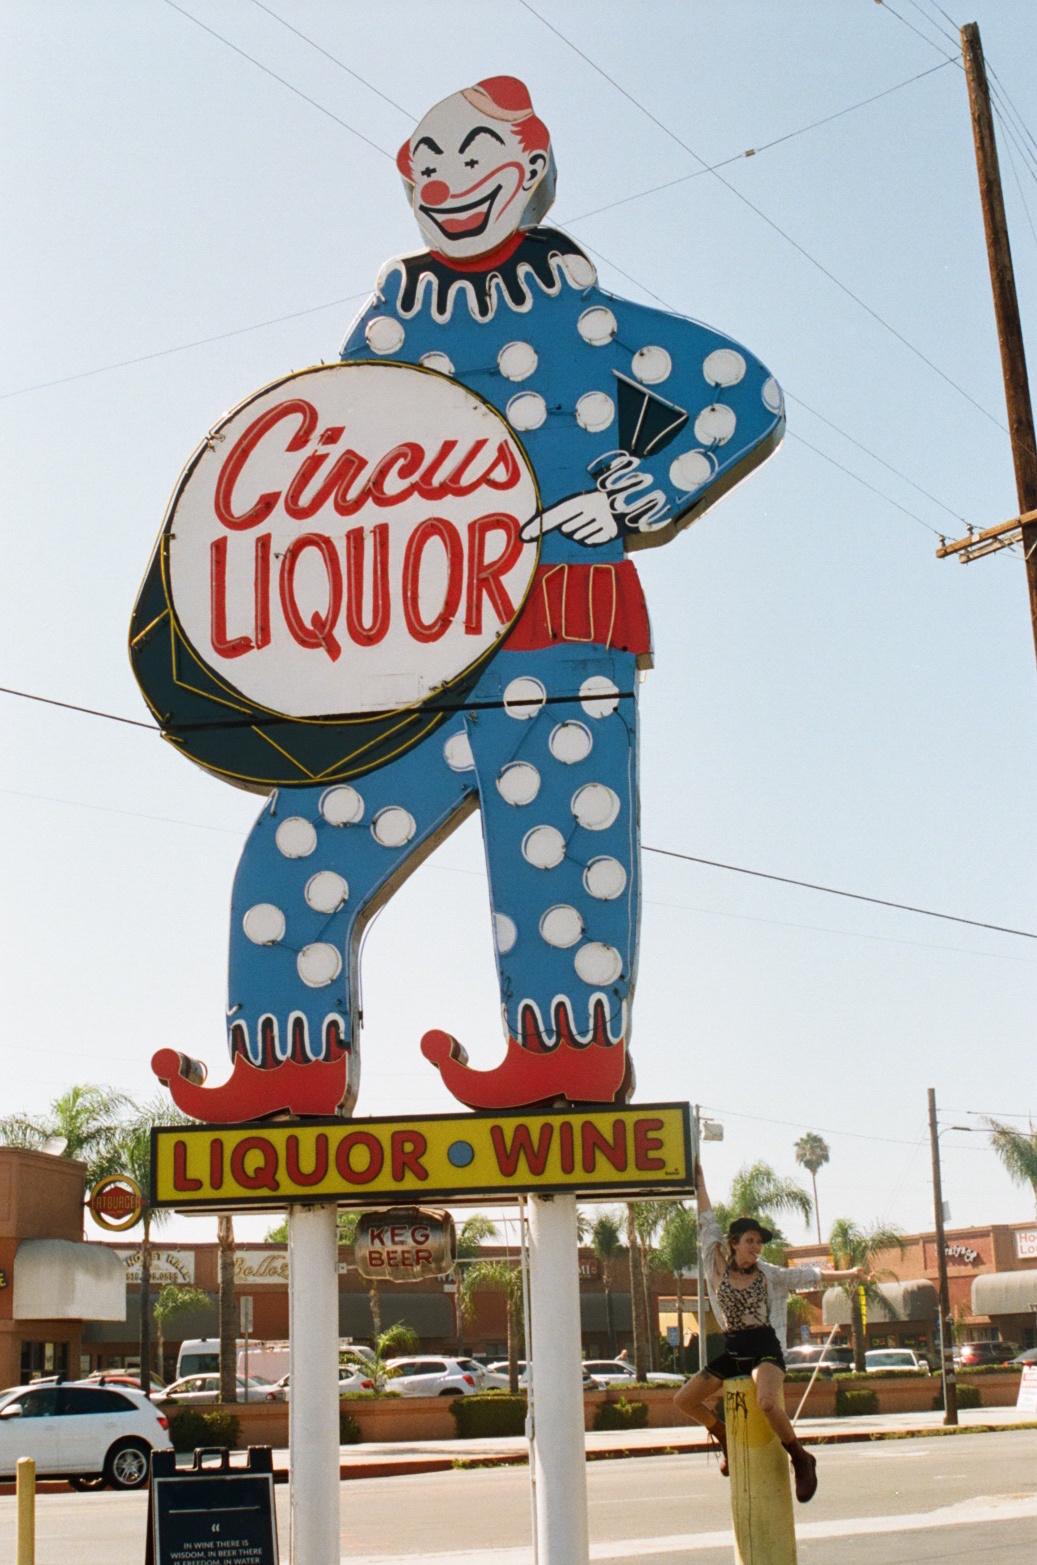 circusliquor